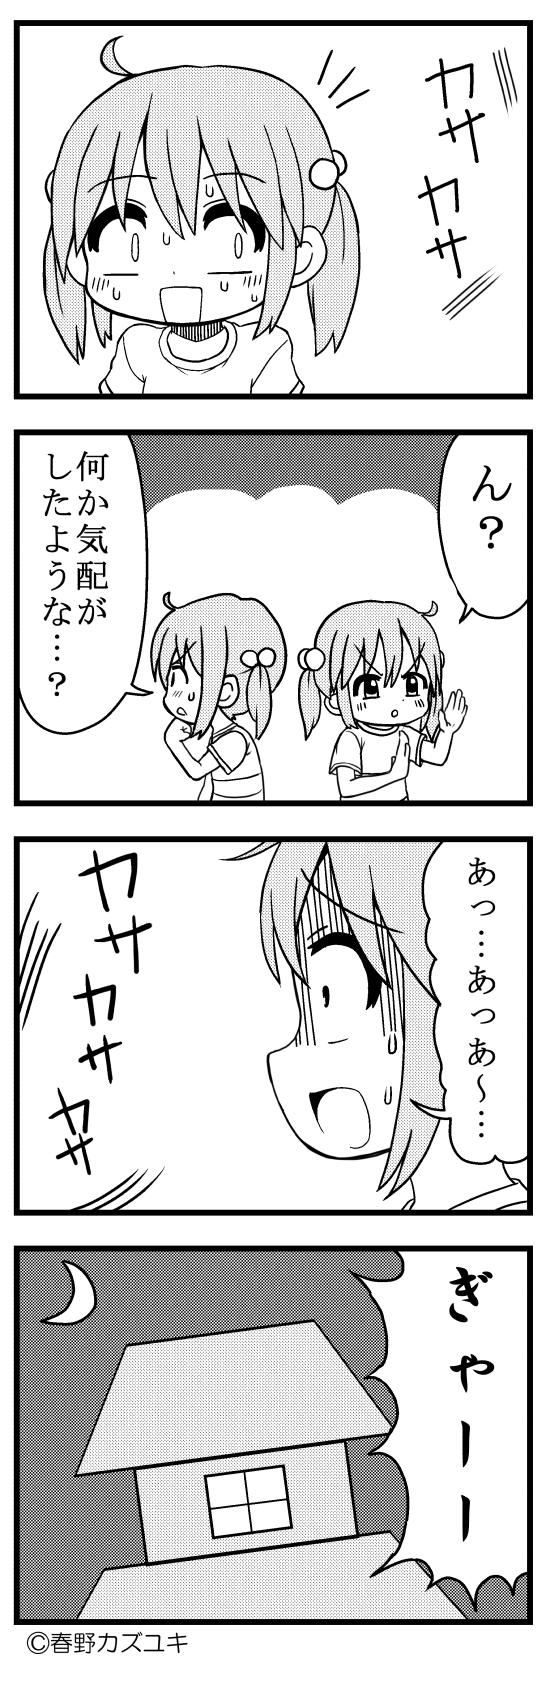 hiyorityanその3_1